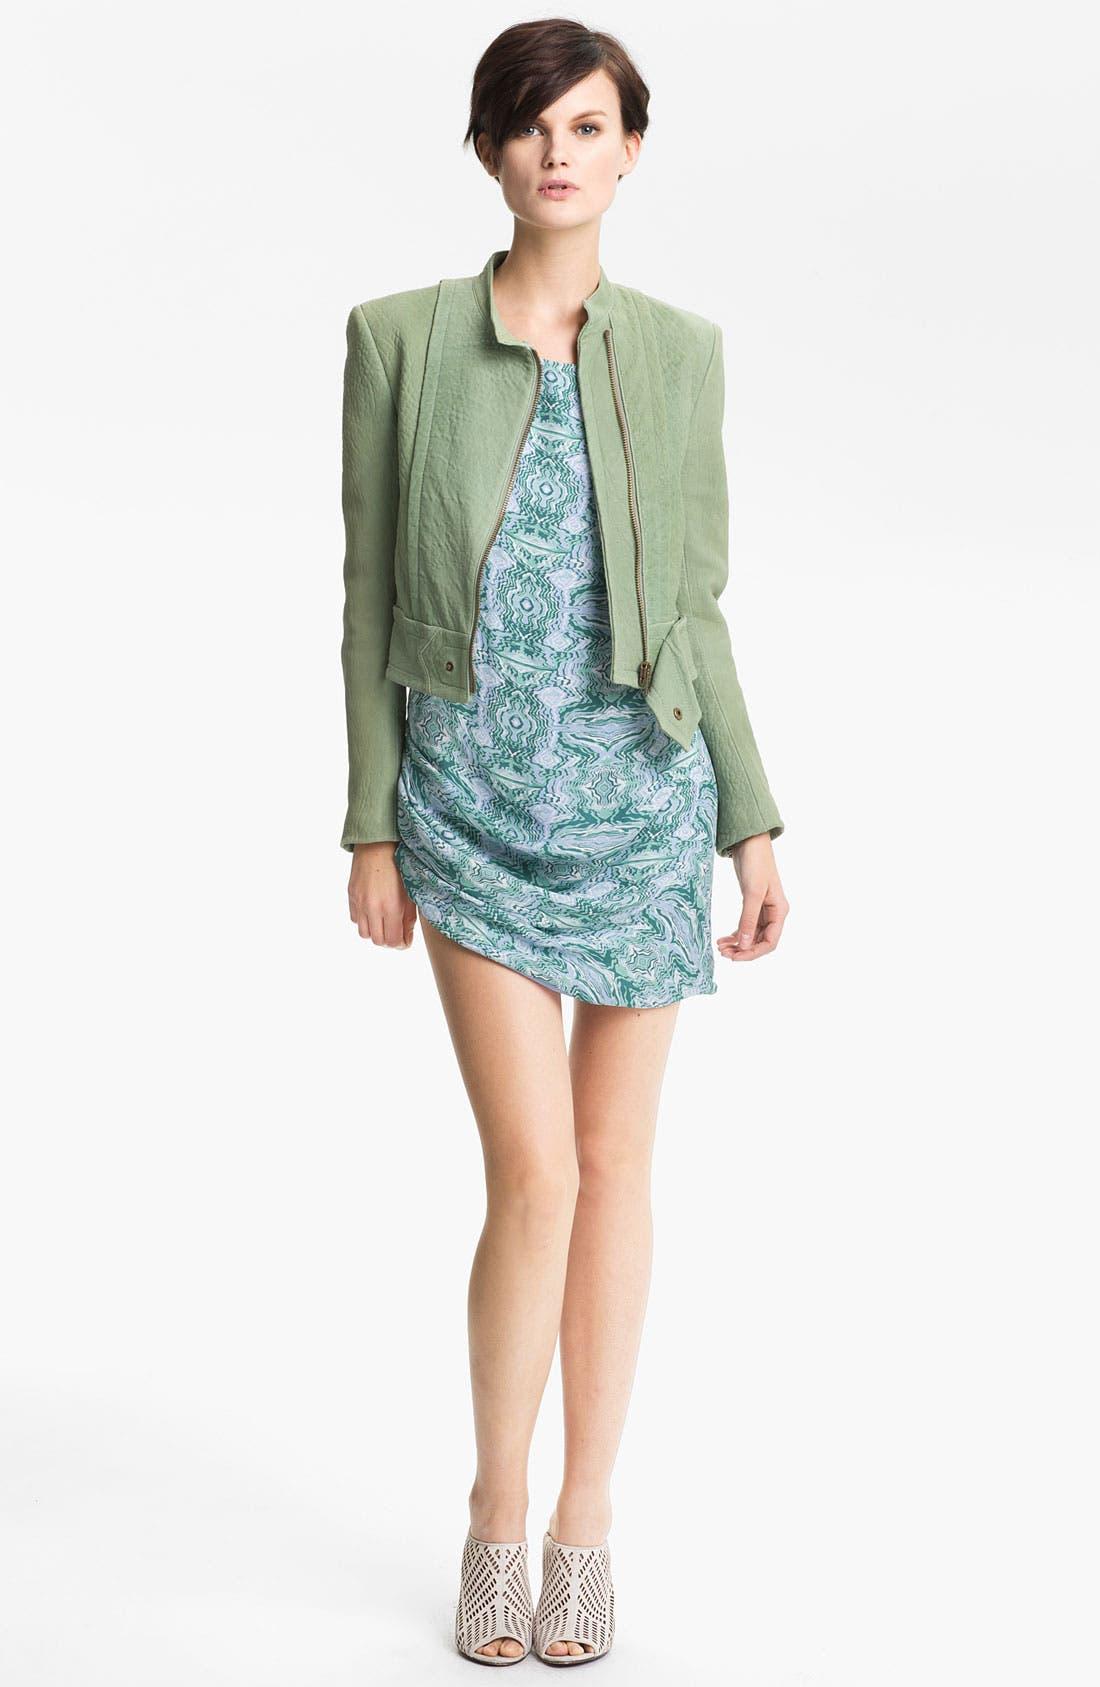 Alternate Image 1 Selected - Kelly Wearstler 'Jasper' Lambskin Leather Jacket